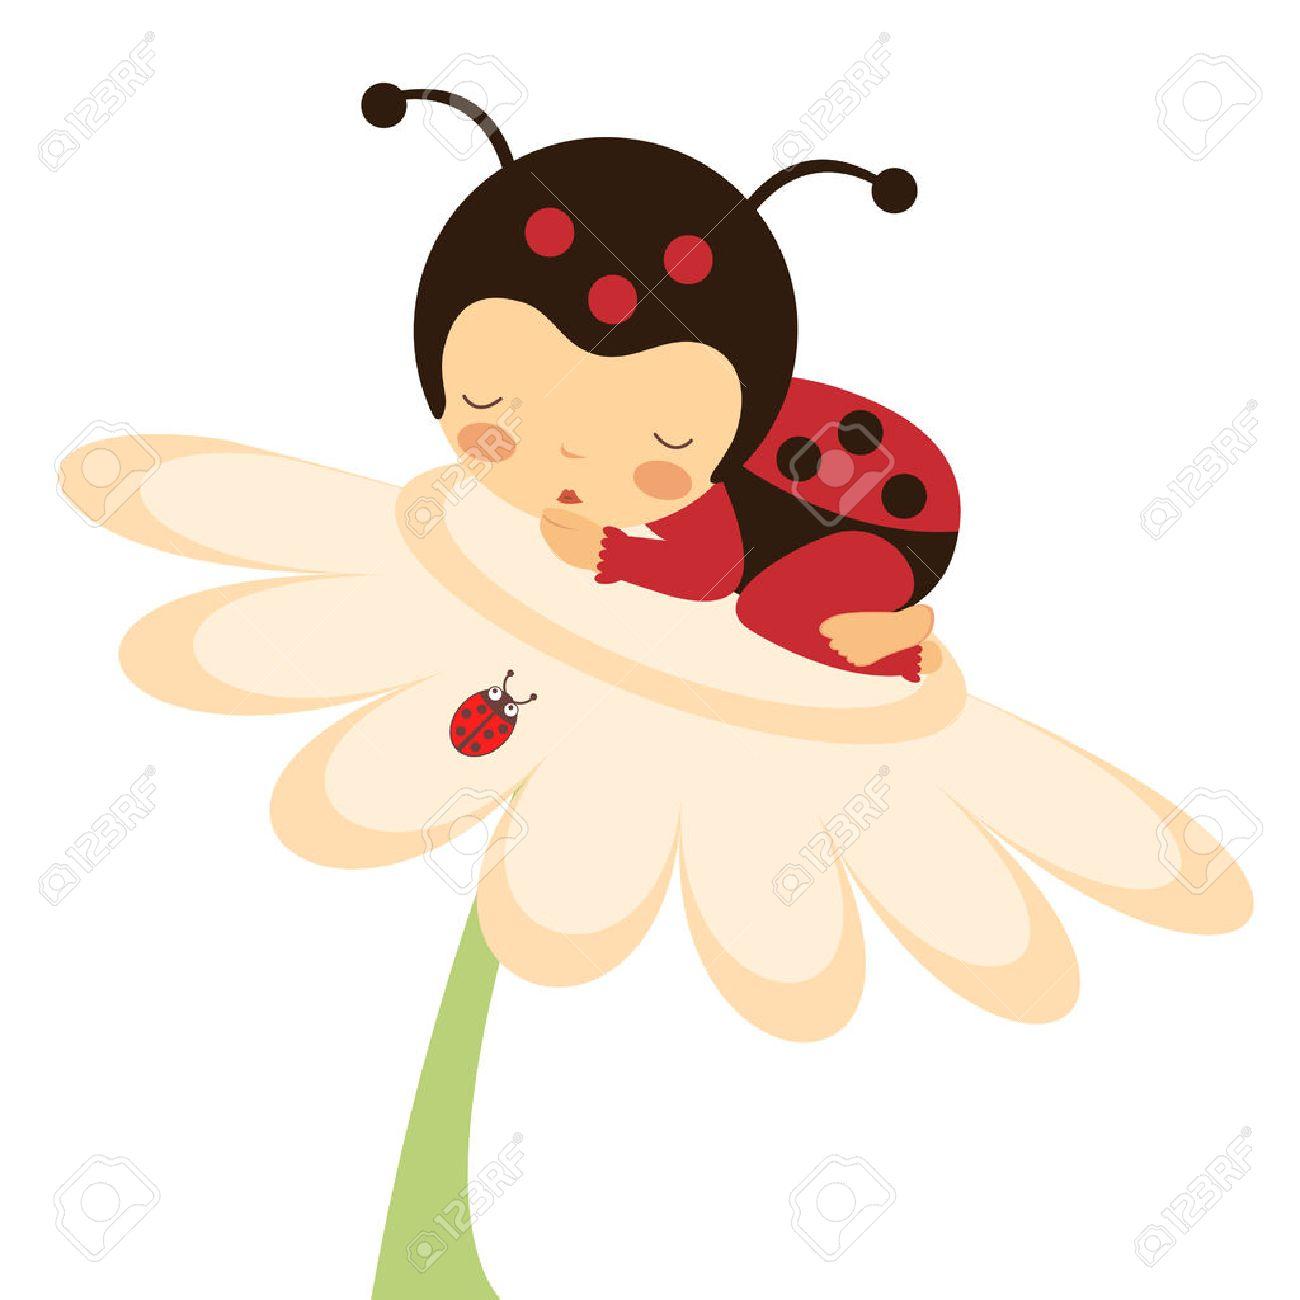 Illustration of adorable baby ladybug sleeping - 22711952